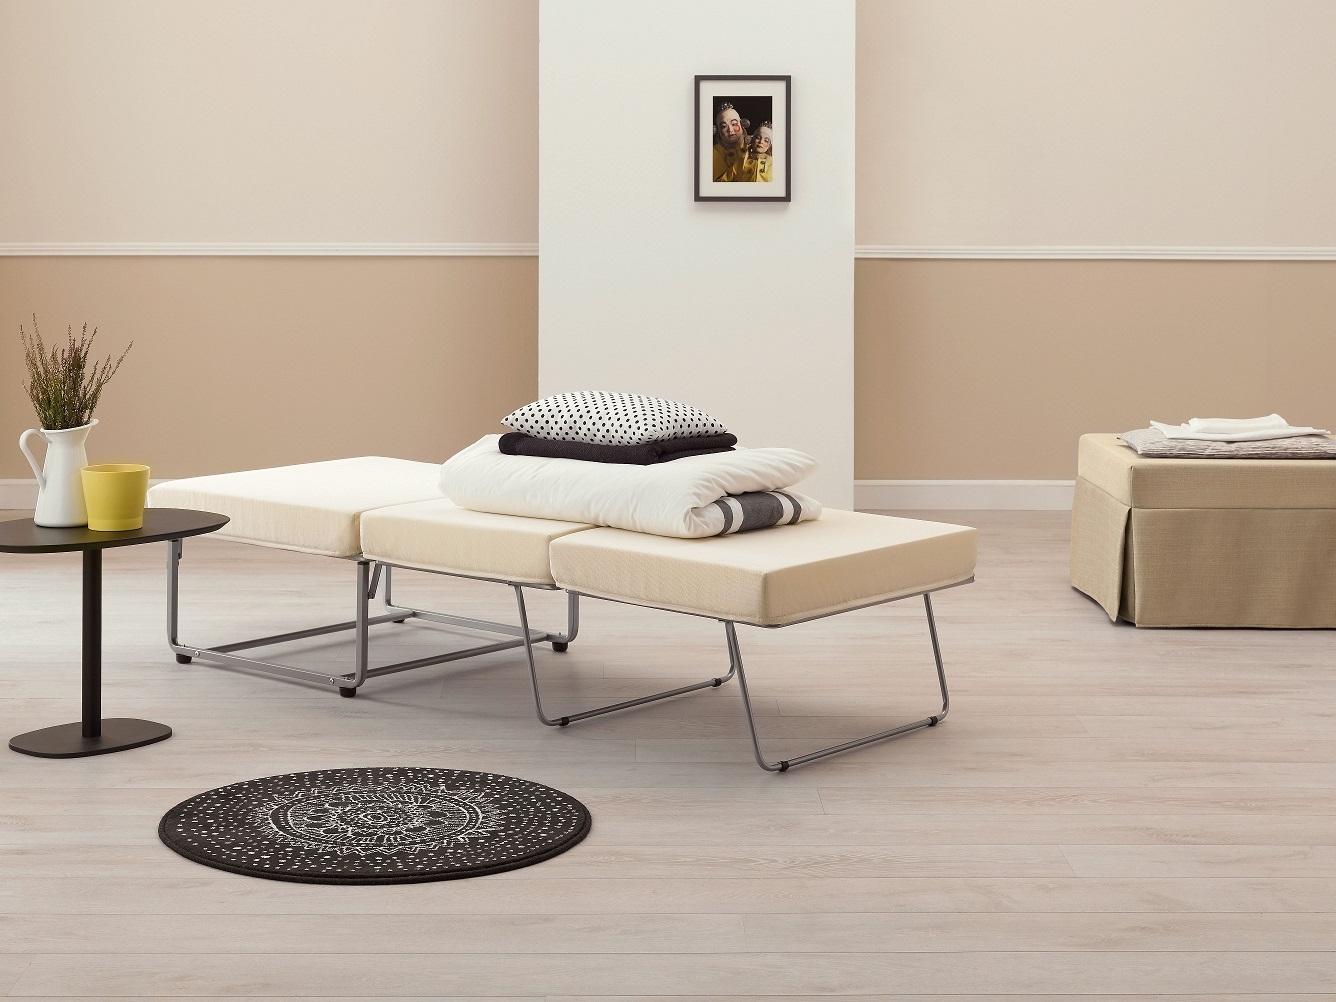 Pouf letto doimo scontato del 30 divani a prezzi scontati - Pouf letto singolo ...